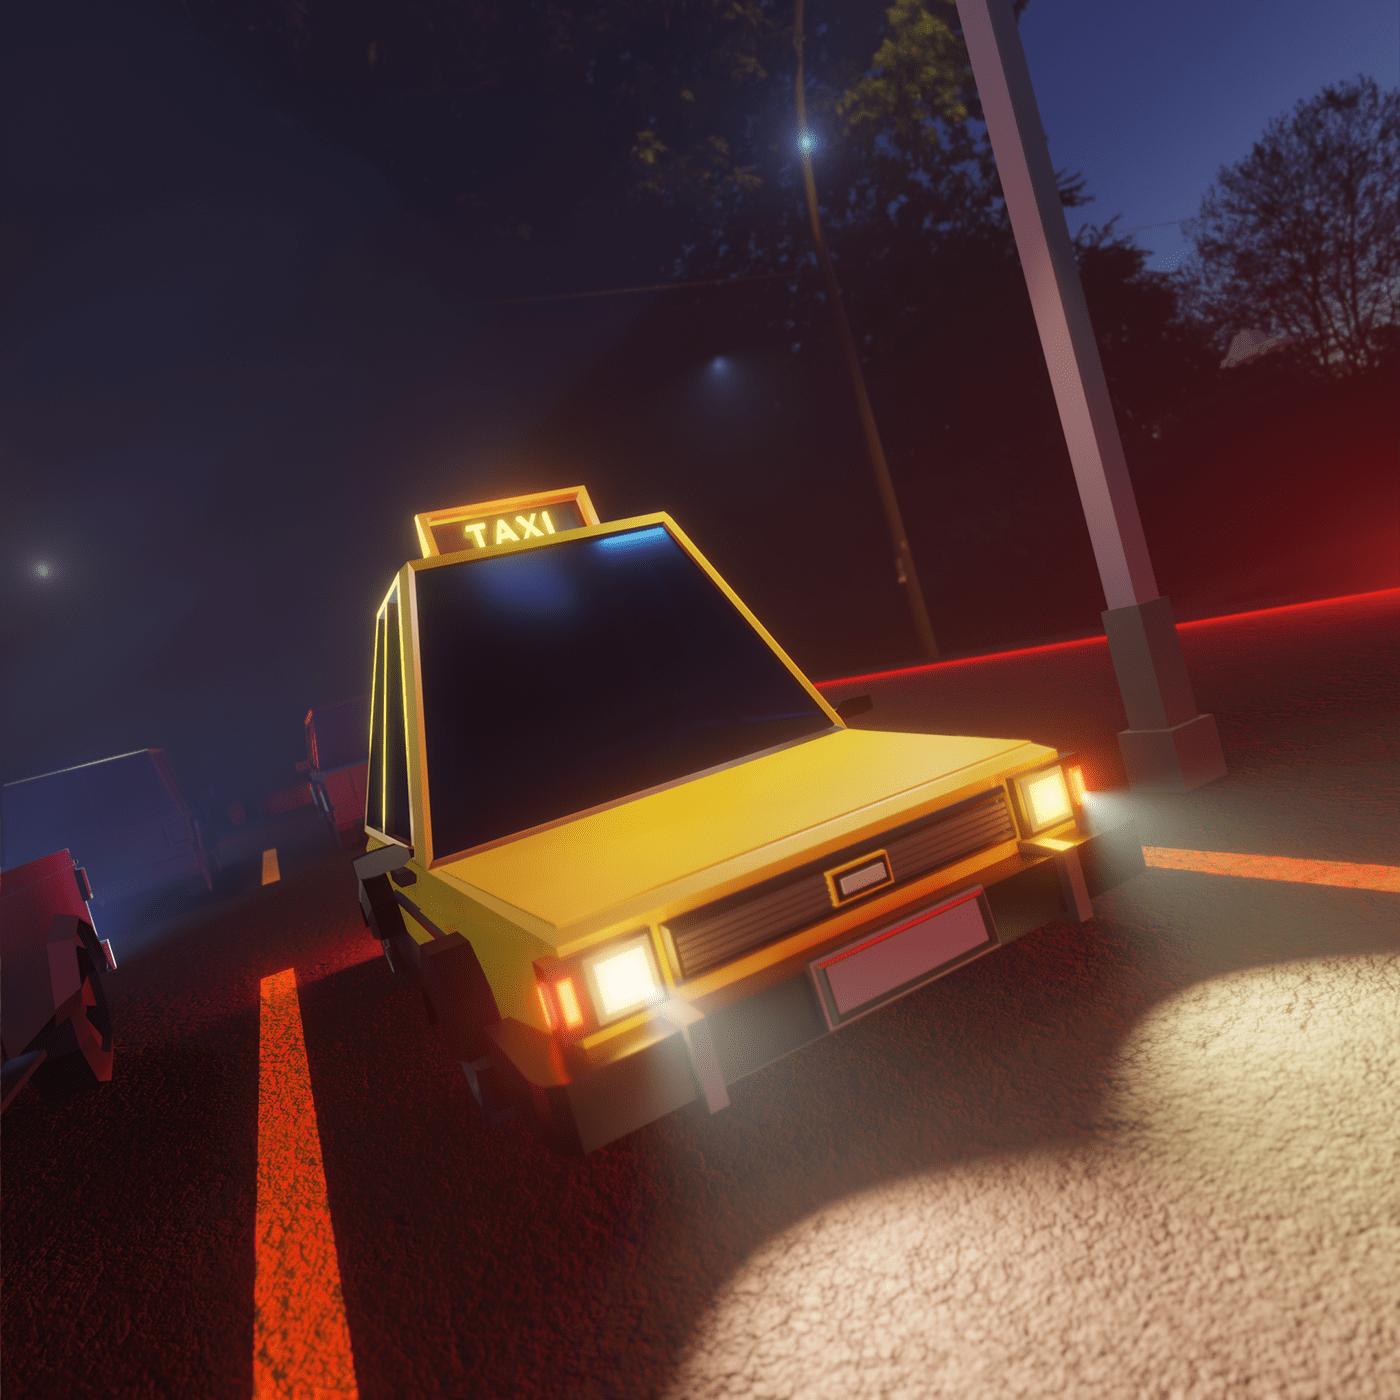 3dart 3dmodeling blender3d conceptart gameart taxi